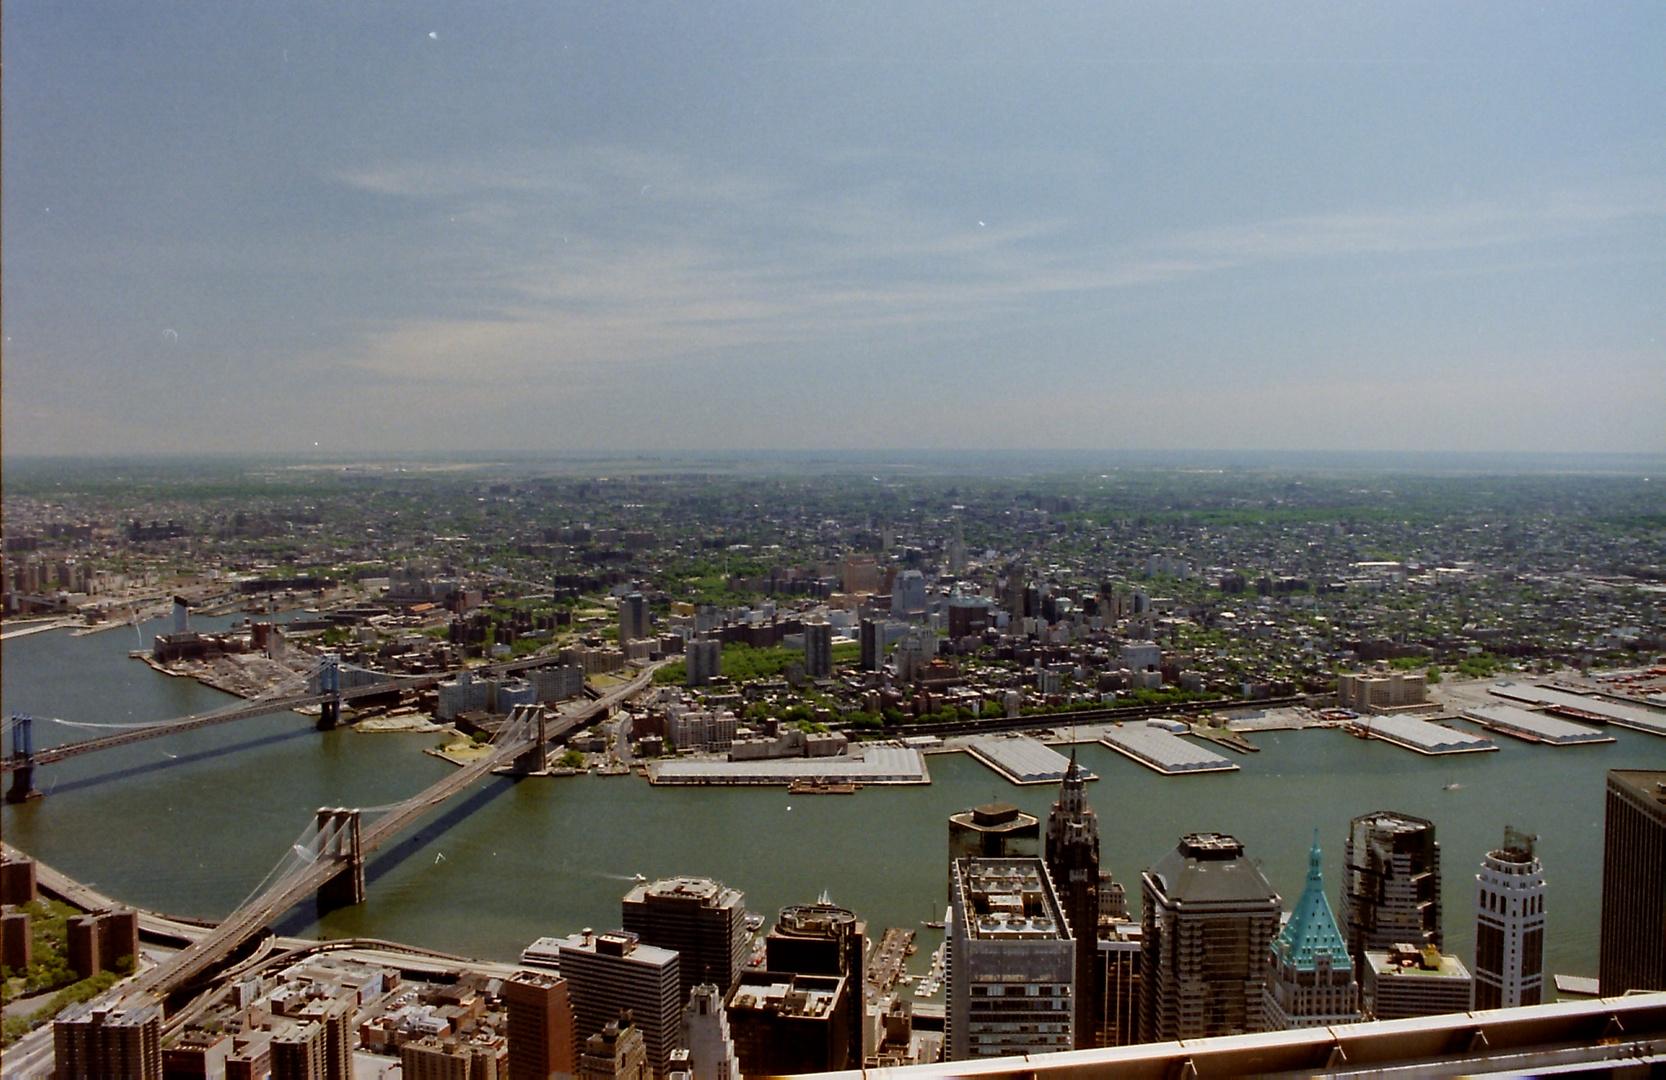 Blick über die Wolkenkratzer des südlichen Manhattan nach Brooklyn